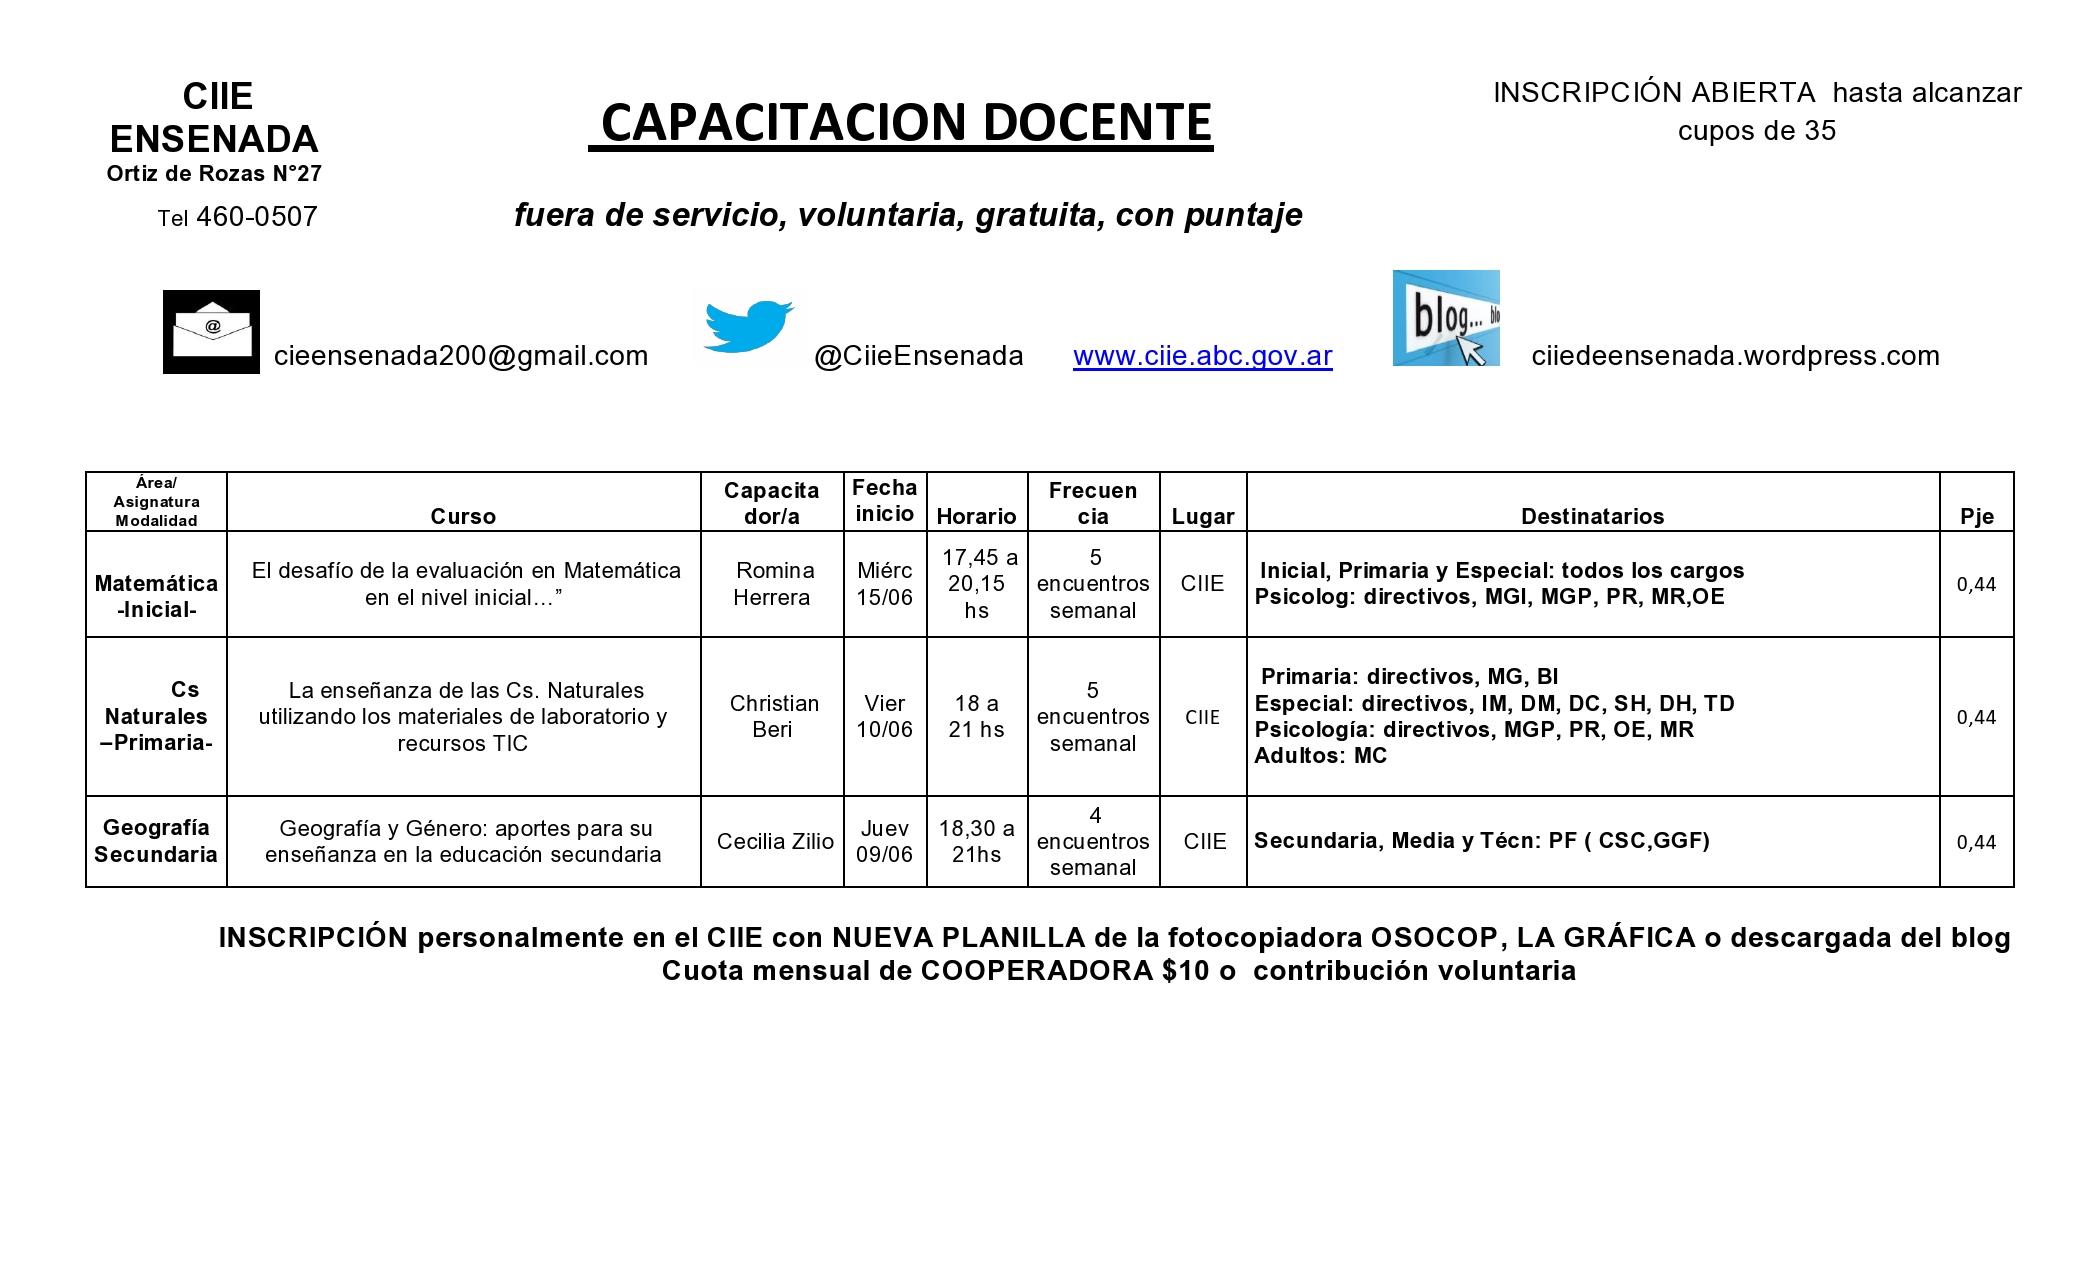 Cursos de capacitaci n docente fuera de servicio en junio for Curso concurso docente 2016